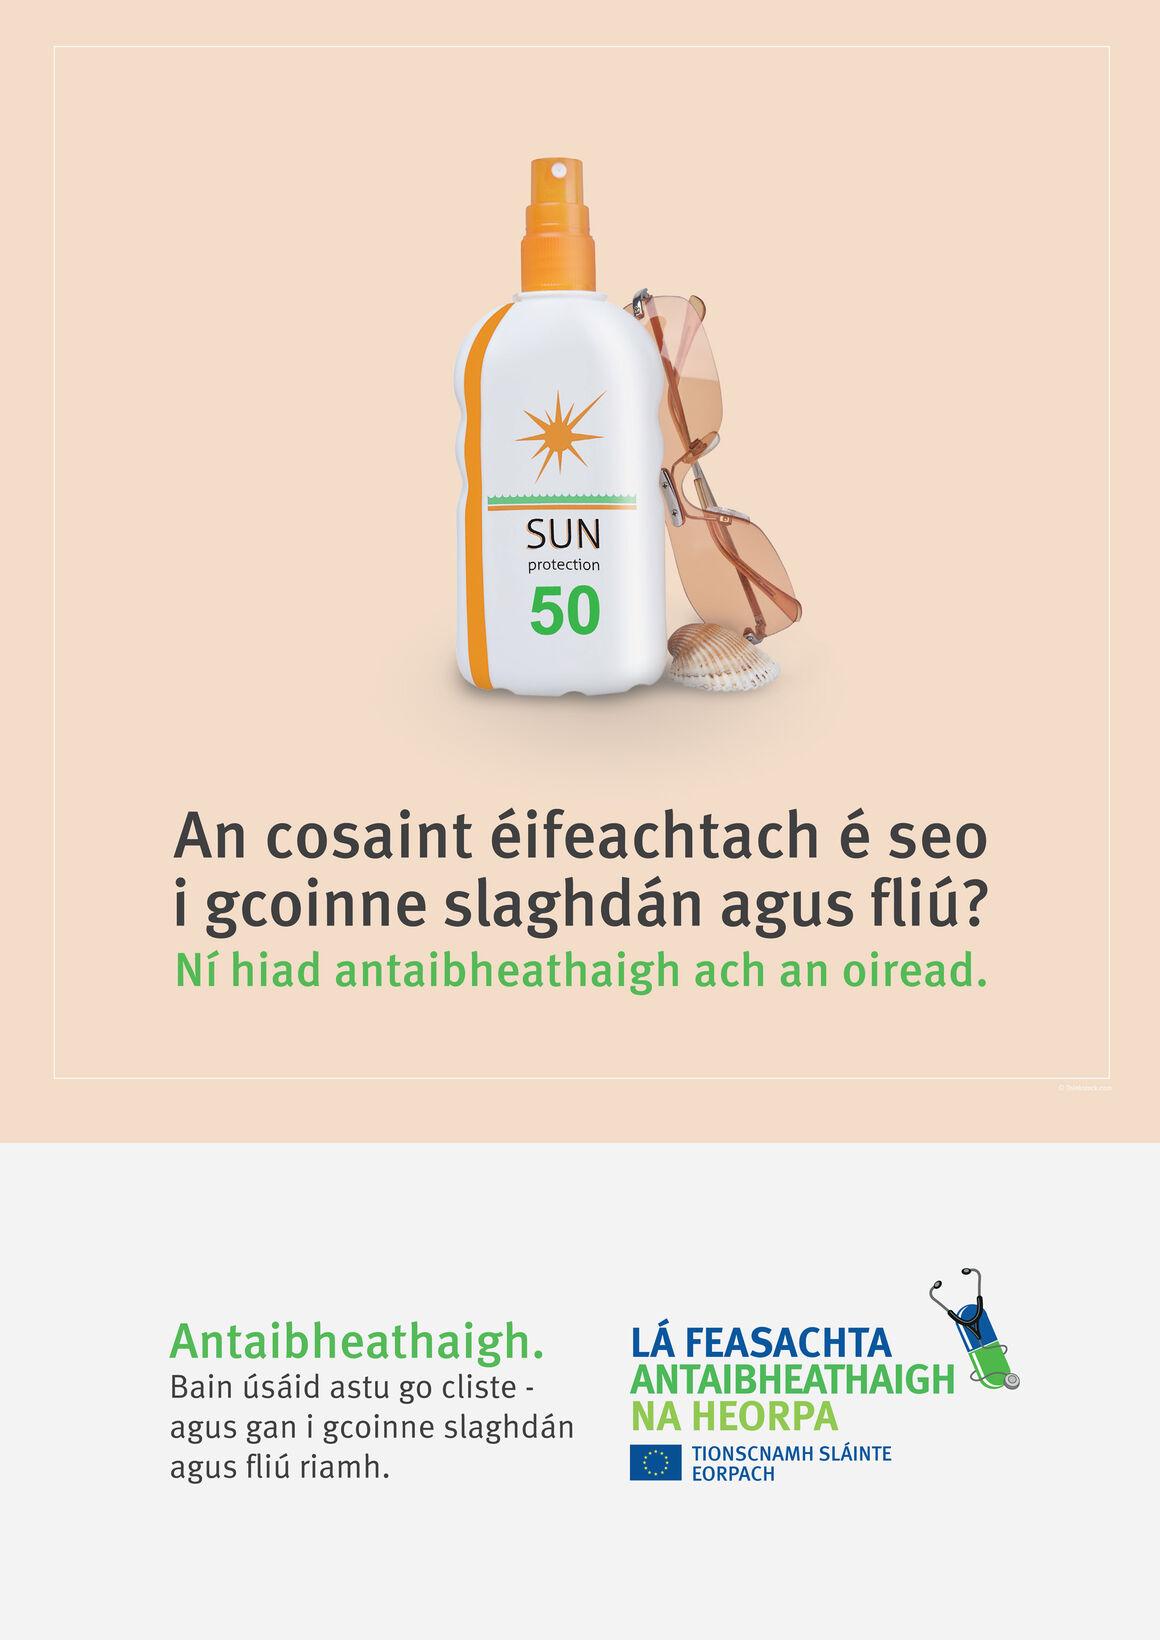 Póstaeir: An cosaint éifeachtach é seo i gcoinne slaghdán agus fliú? Ní hiad antaibheathaigh ach an oiread.